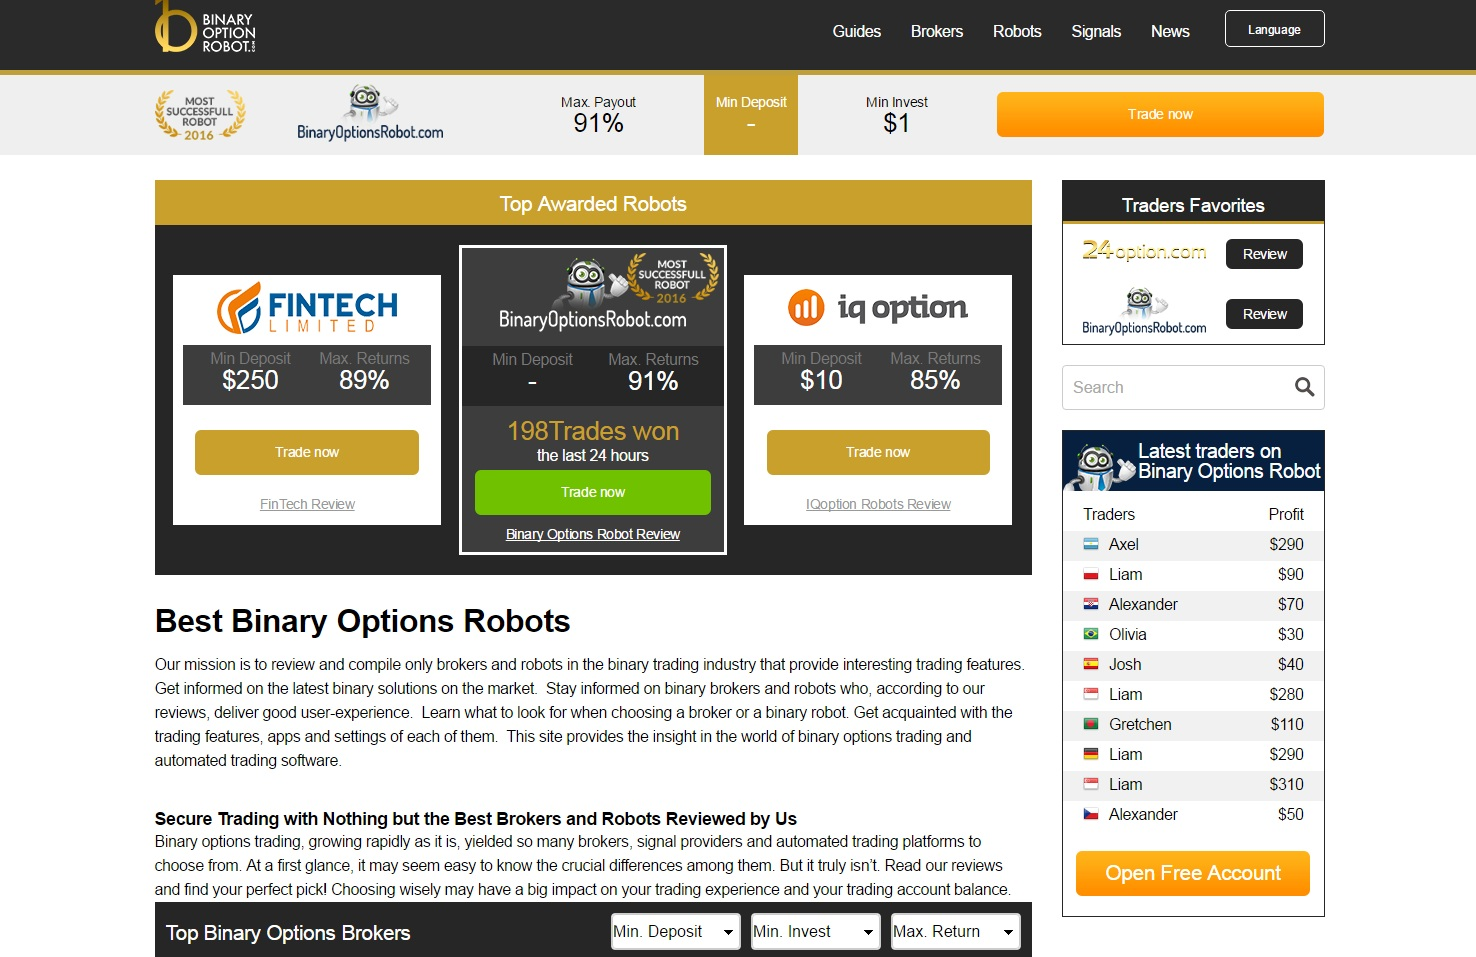 roboții sunt cei mai buni pentru opțiunile binare tranzacționarea și subconștientul